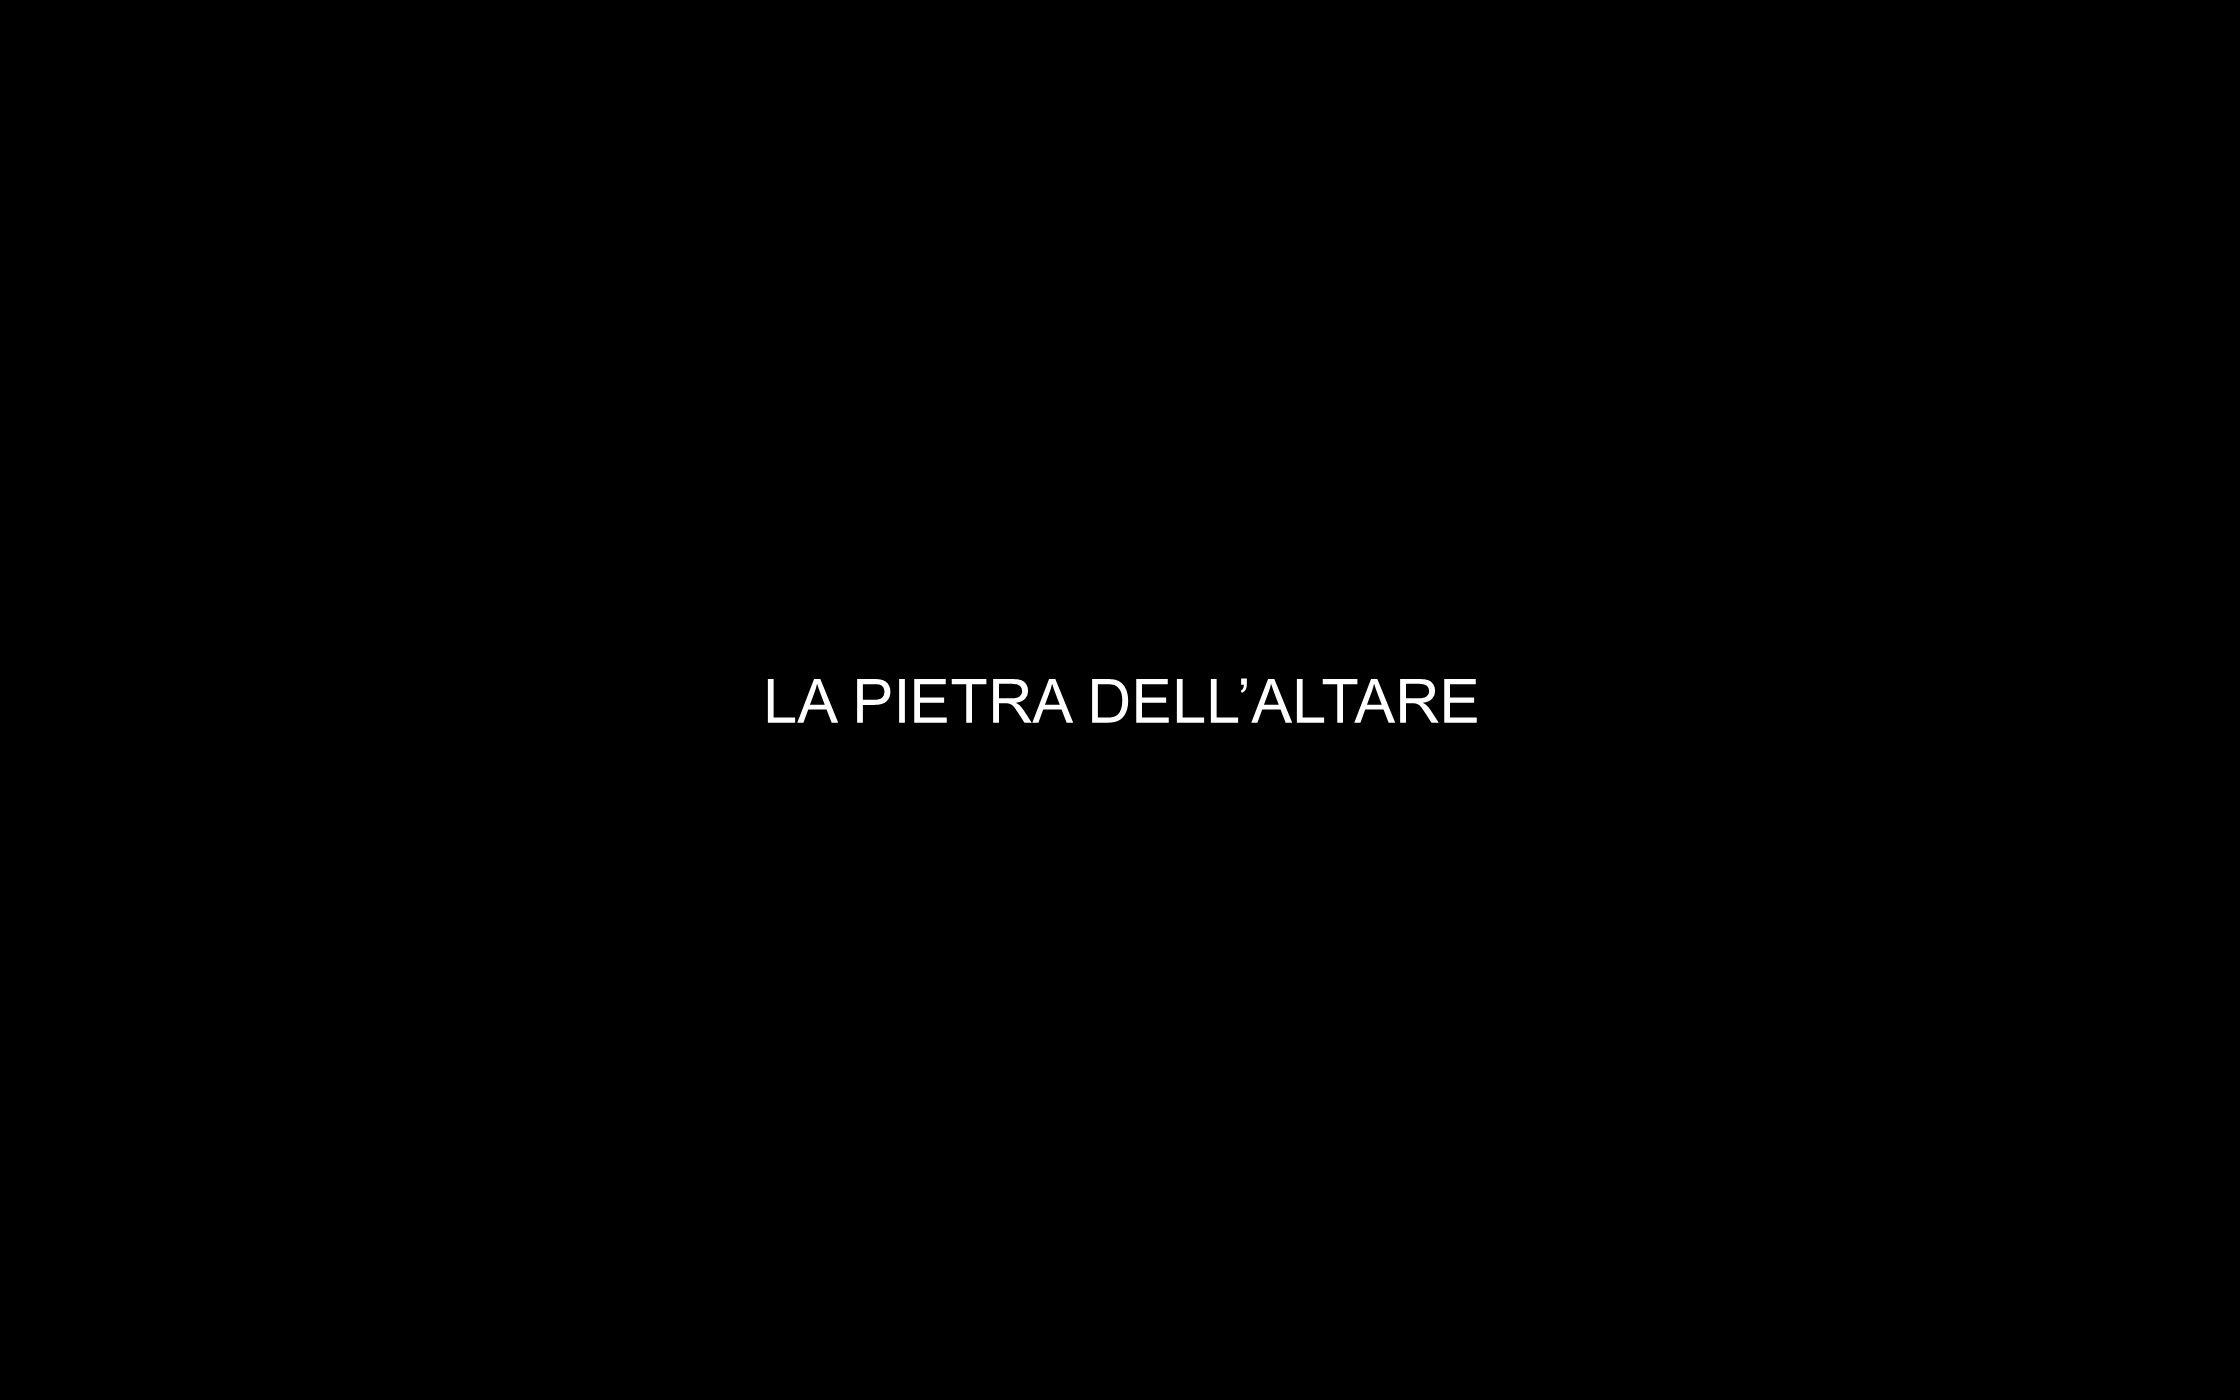 LA PIETRA DELLALTARE